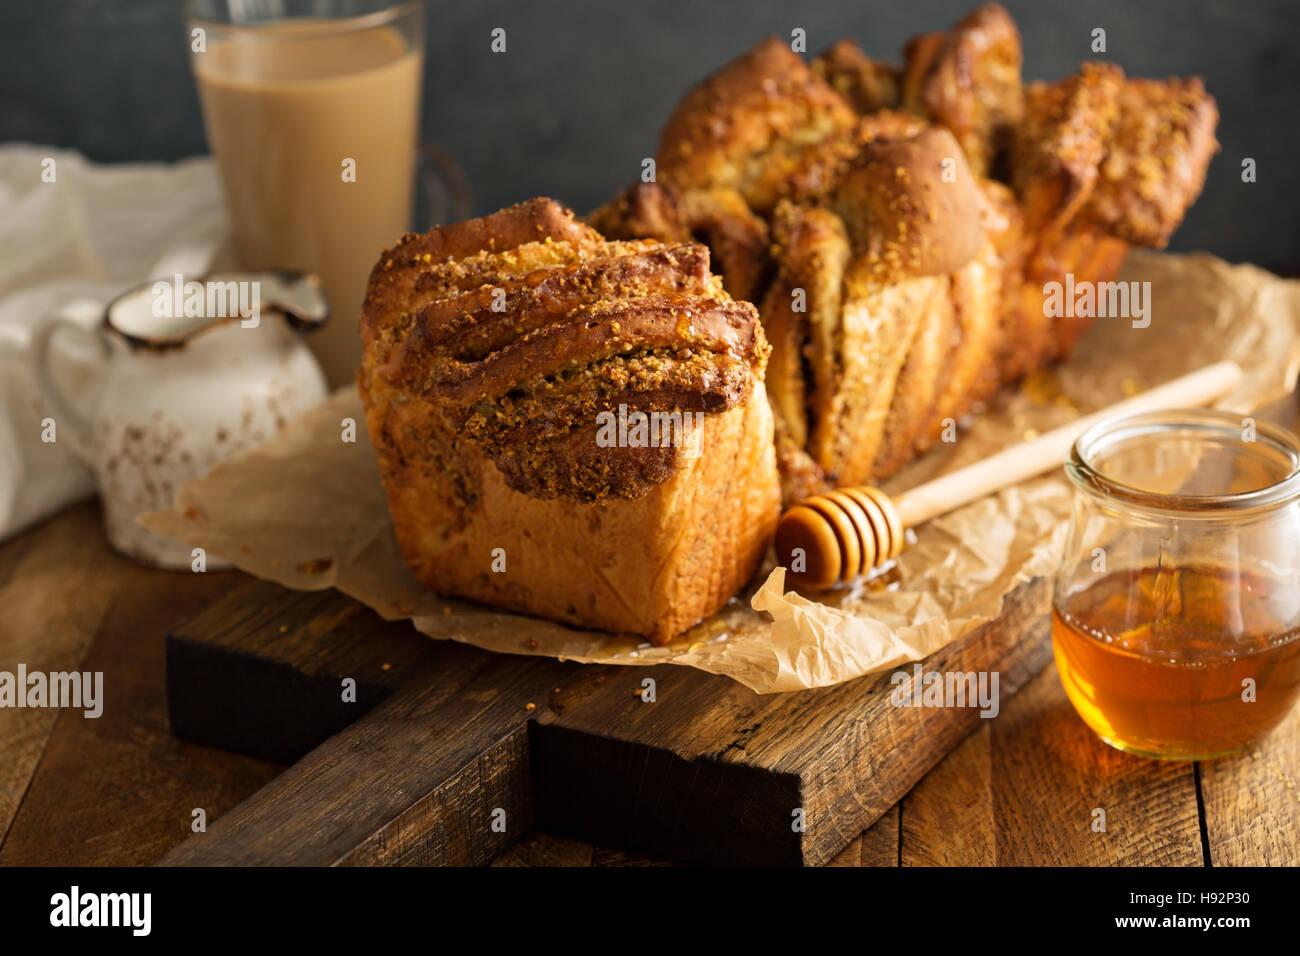 Miel y frutos secos pull-apart pan Imagen De Stock